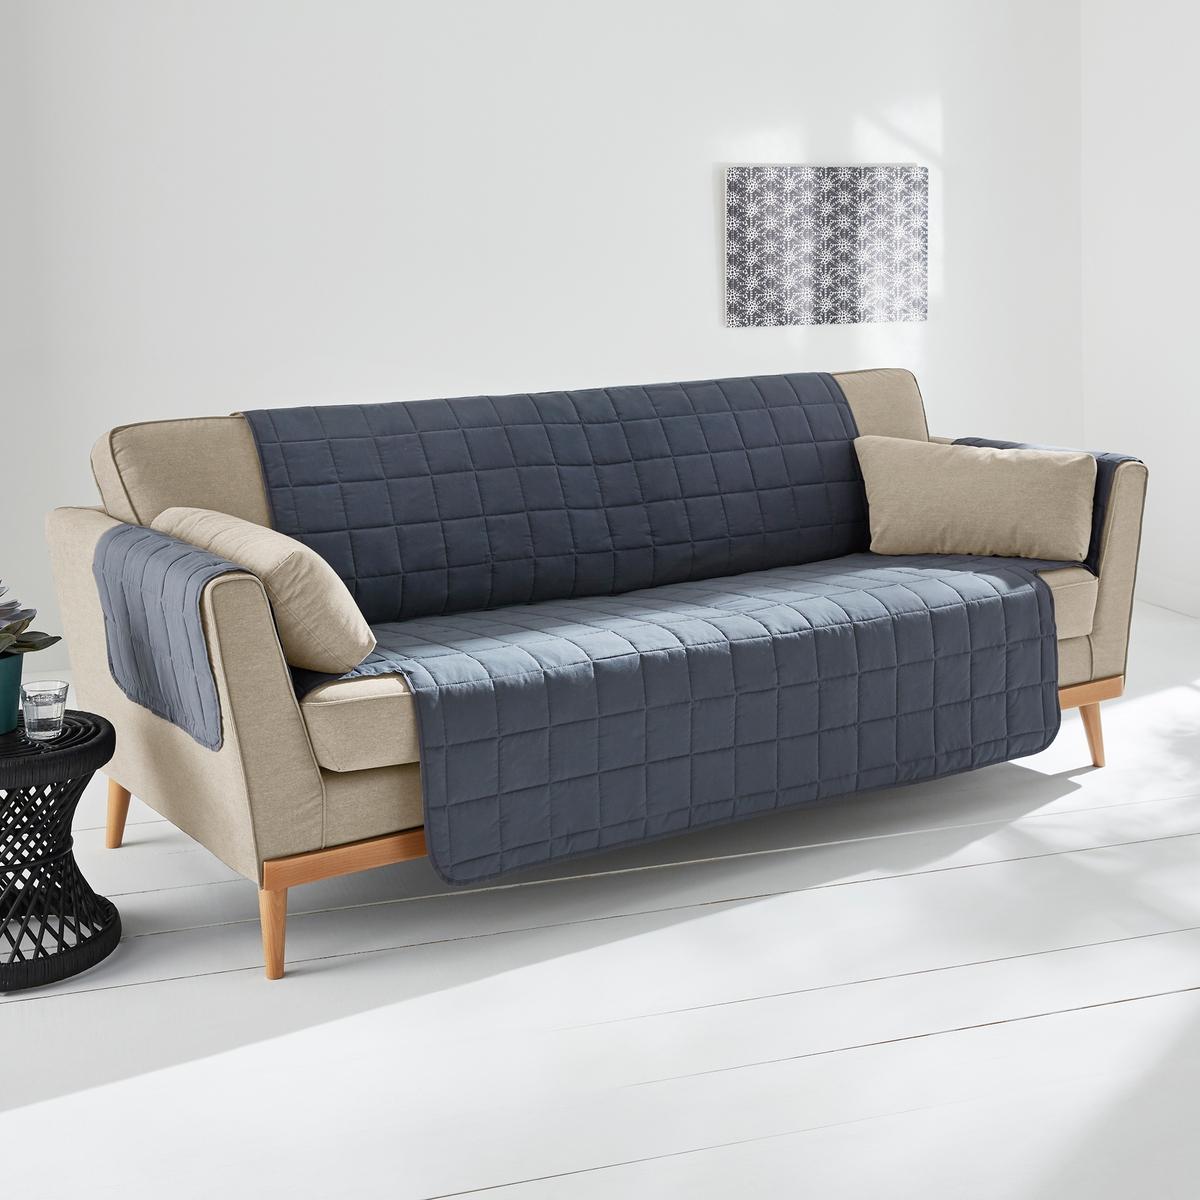 Чехол защитный для кресла или дивана, OnelusЧехол защитный для кресла или дивана, 100% полиэстера. Состав и описание :Материал : 1 сторона обивка розового цвета 100% полиэстера (90 г/м?)/1 сторона 70% хлопка, 30% полиэстера (170 г/м?). Наполнитель 100% полиэстера (100 г/м?).Отделка : квадратная строчка (петля) в 10 см, кант в 1 см в тон.Уход: : Машинная стирка при 60 °CЗнак Oeko-Tex® гарантирует, что товары прошли проверку и были изготовлены без применения вредных для здоровья человека веществ.Наши чехлы для кресел и диванов ищите на нашем сайте laredoute.ru.ruРазмеры : Длина : 200 см.Ширина сиденья 1 место 50см - 2 места 100 см - 3 места 150 см<br><br>Цвет: антрацит,серо-коричневый<br>Размер: 1 места